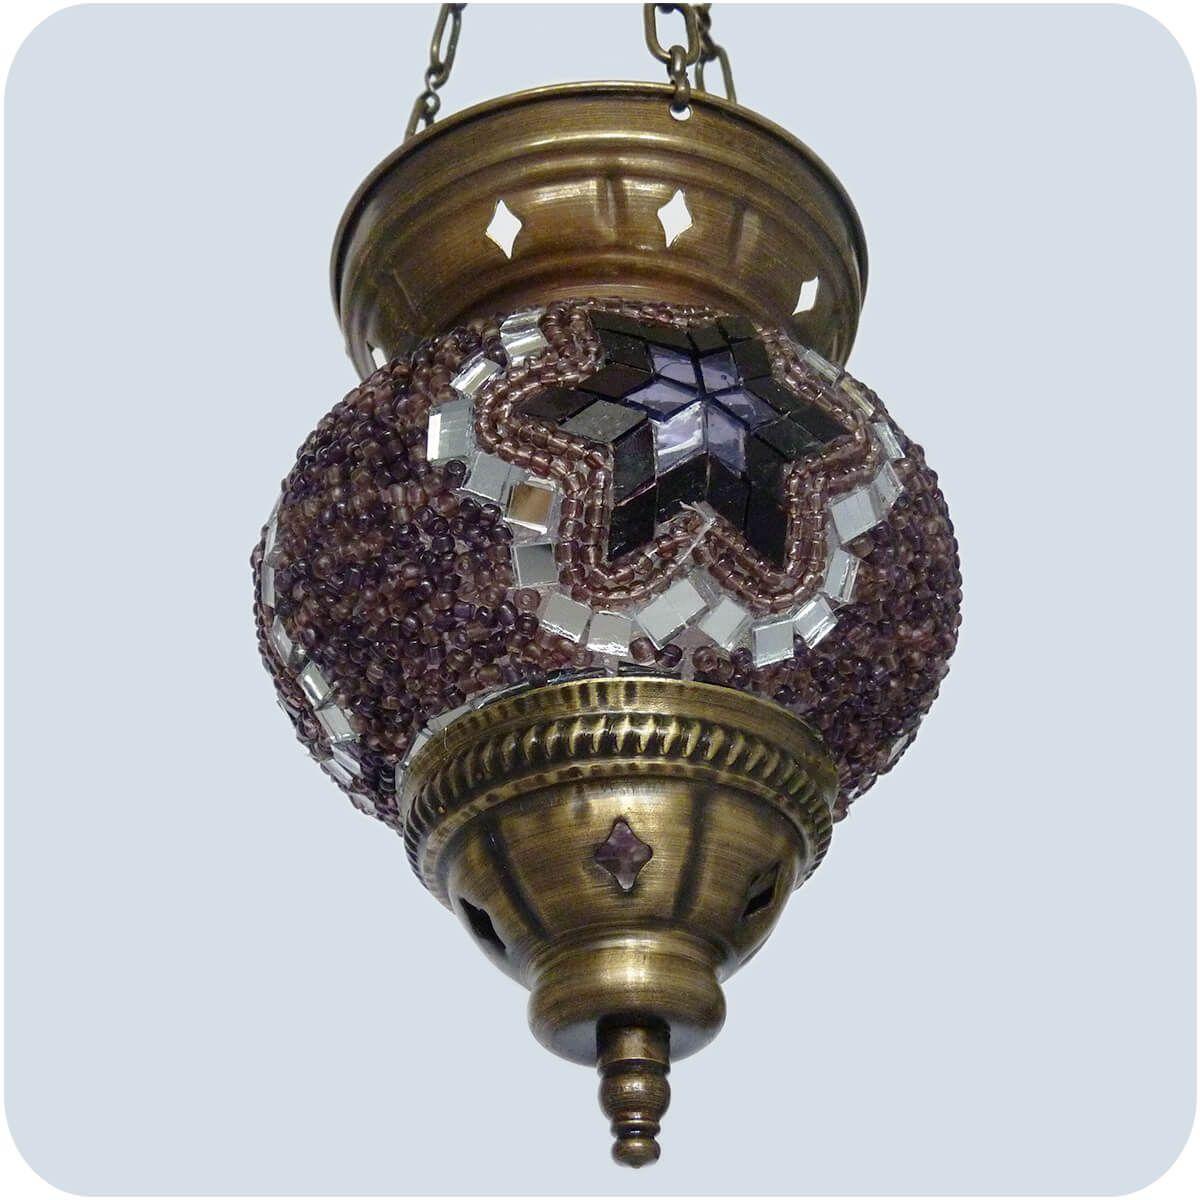 orientalische mosaik glas lampe h ngeleuchte deckenlampe t rkisch stil 20x16 cm ebay